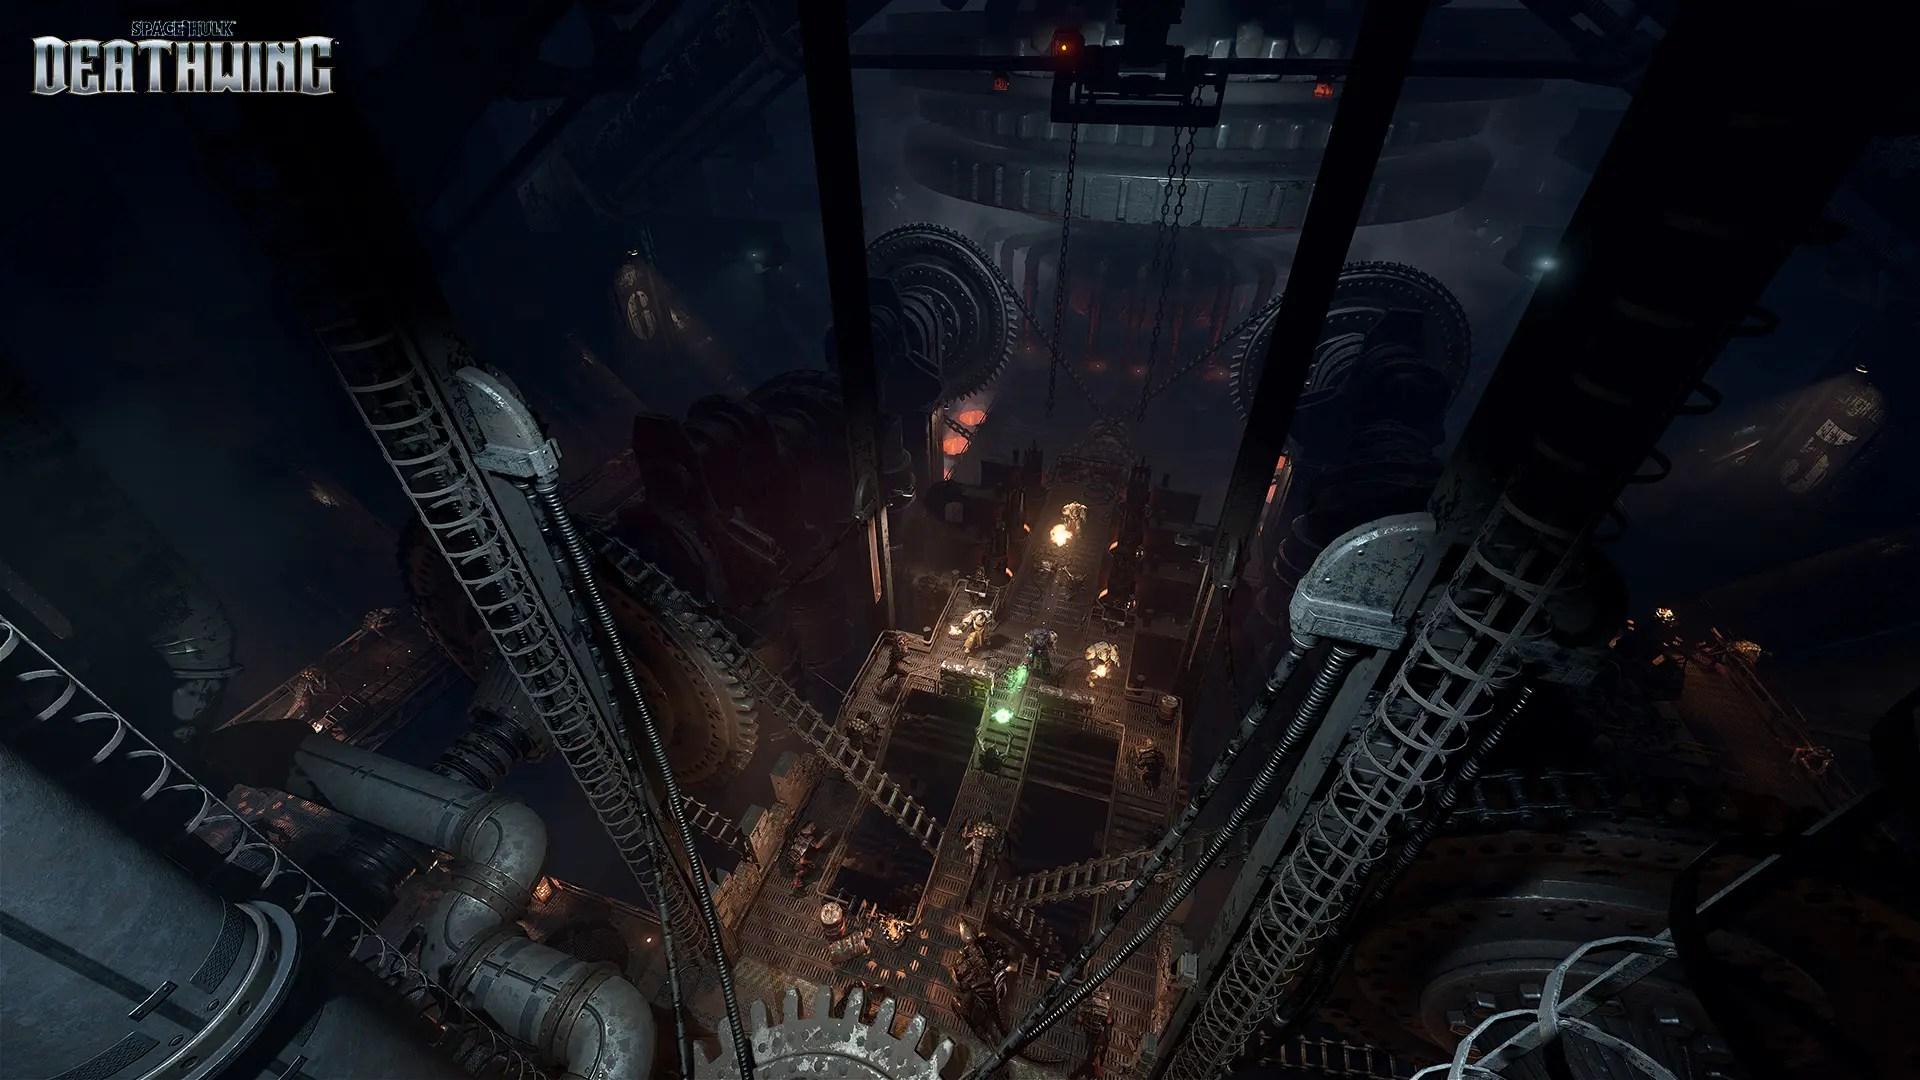 NEW_spacehulk_deathwing-11